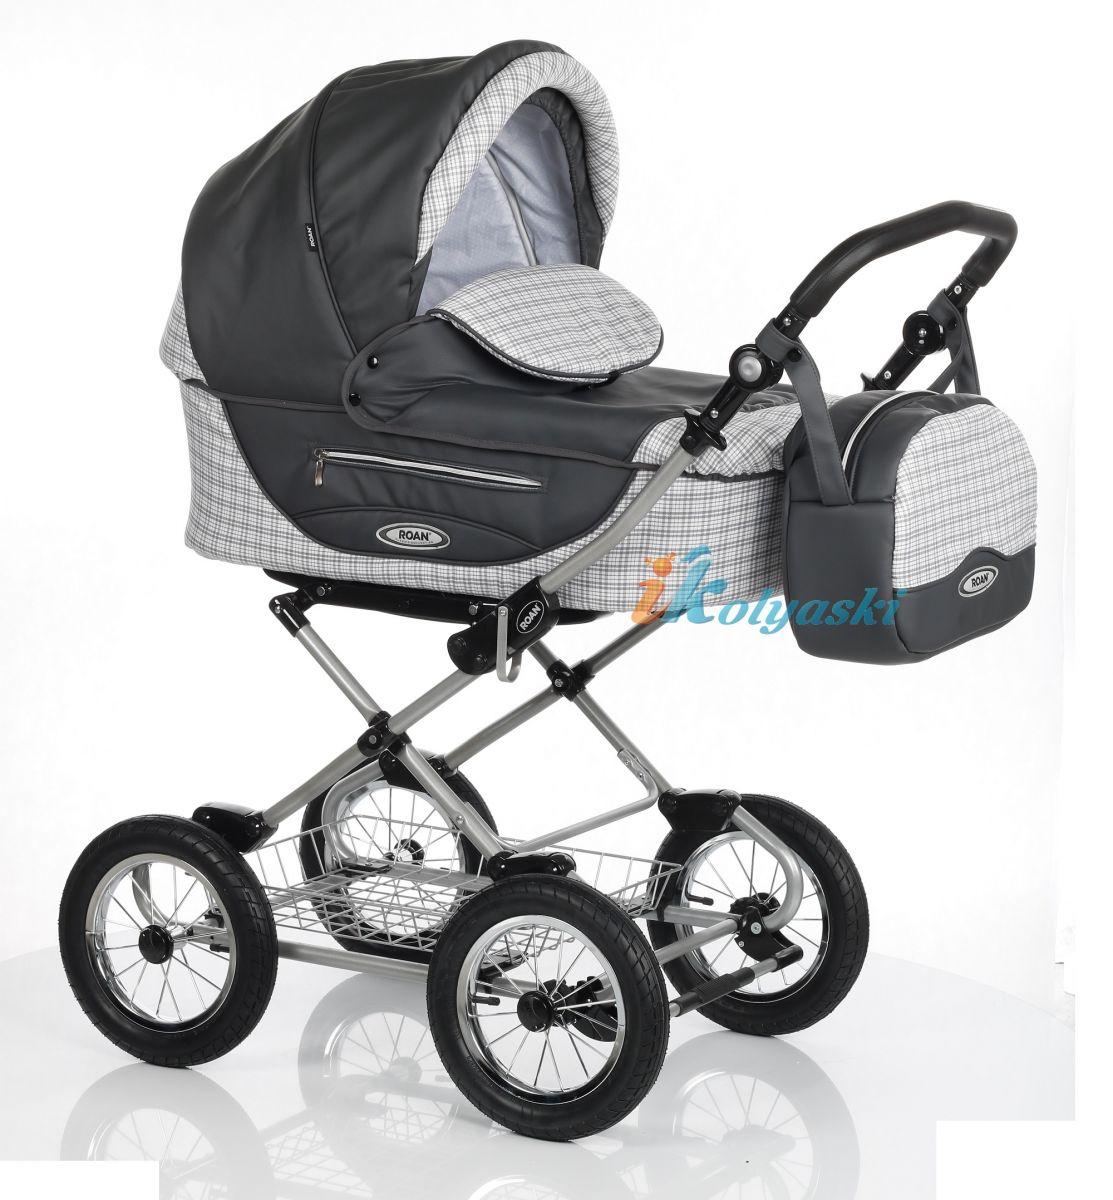 Детская коляска Roan Kortina Luxe Роан Кортина люкс 2018 спальная люлька 3 в 1 , коляска для новорожденных, коляска зима-лето.  roan kortina, roan cortina, Детская коляска Roan Kortina Luxe, коляска Роан Кортина люкс 2018, коляска спальная, коляска  люлька, коляска 3 в 1, коляска для новорожденных, роан кортина, коляска роан кортина, коляска roan cortina, цвет S-166 A